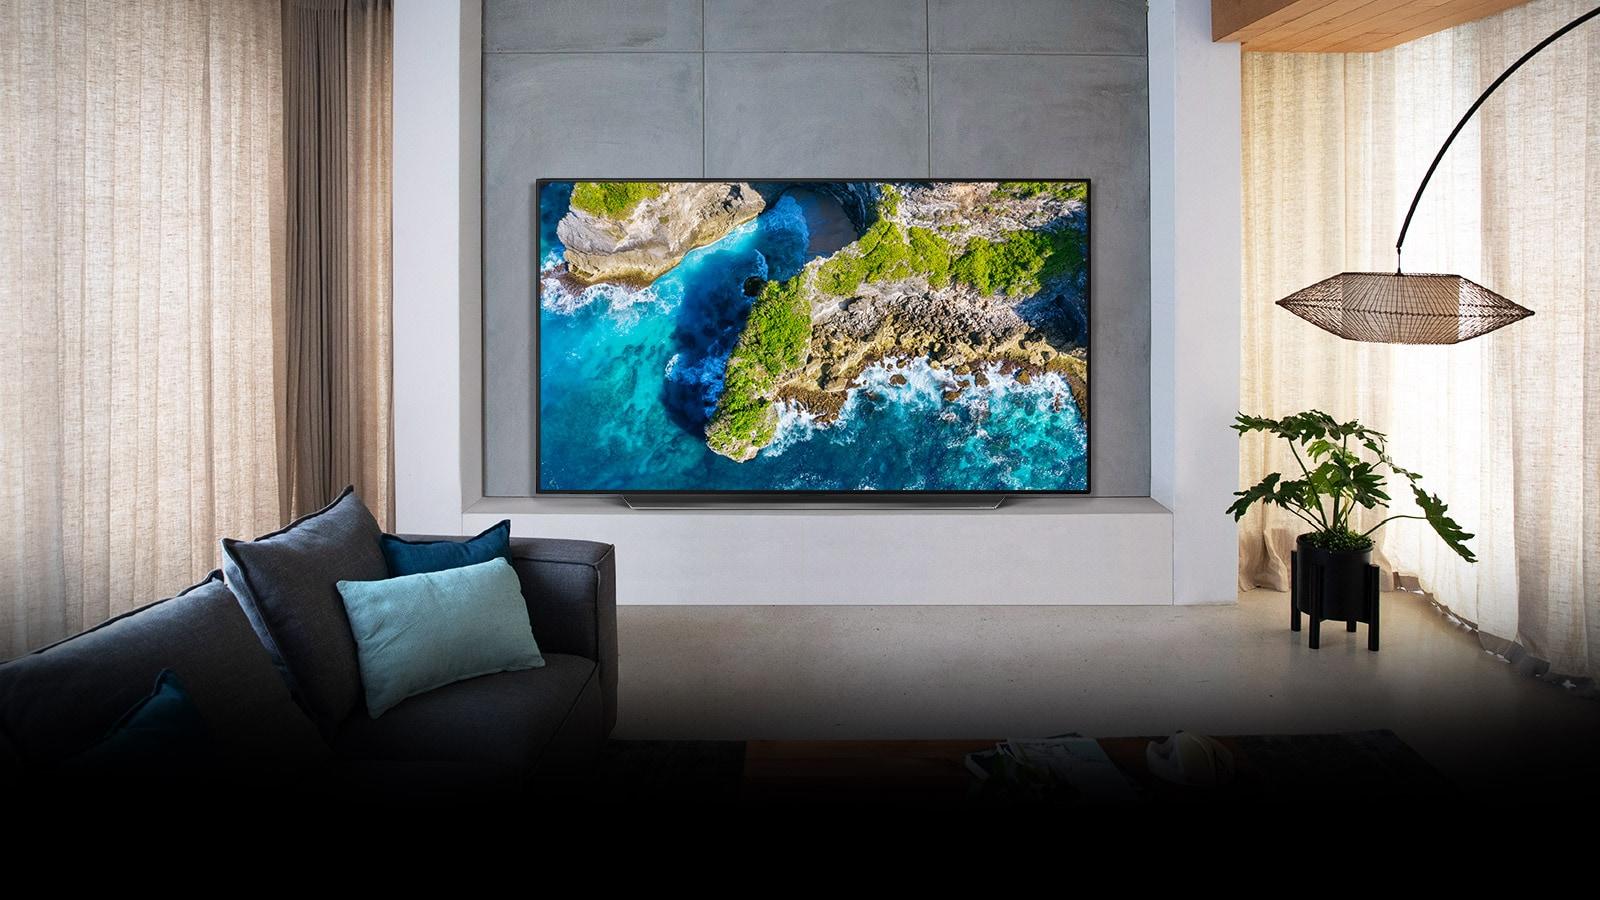 Quelles sont les meilleures Smart TV de 2021 ? Notre classement - www.heavybulL.com